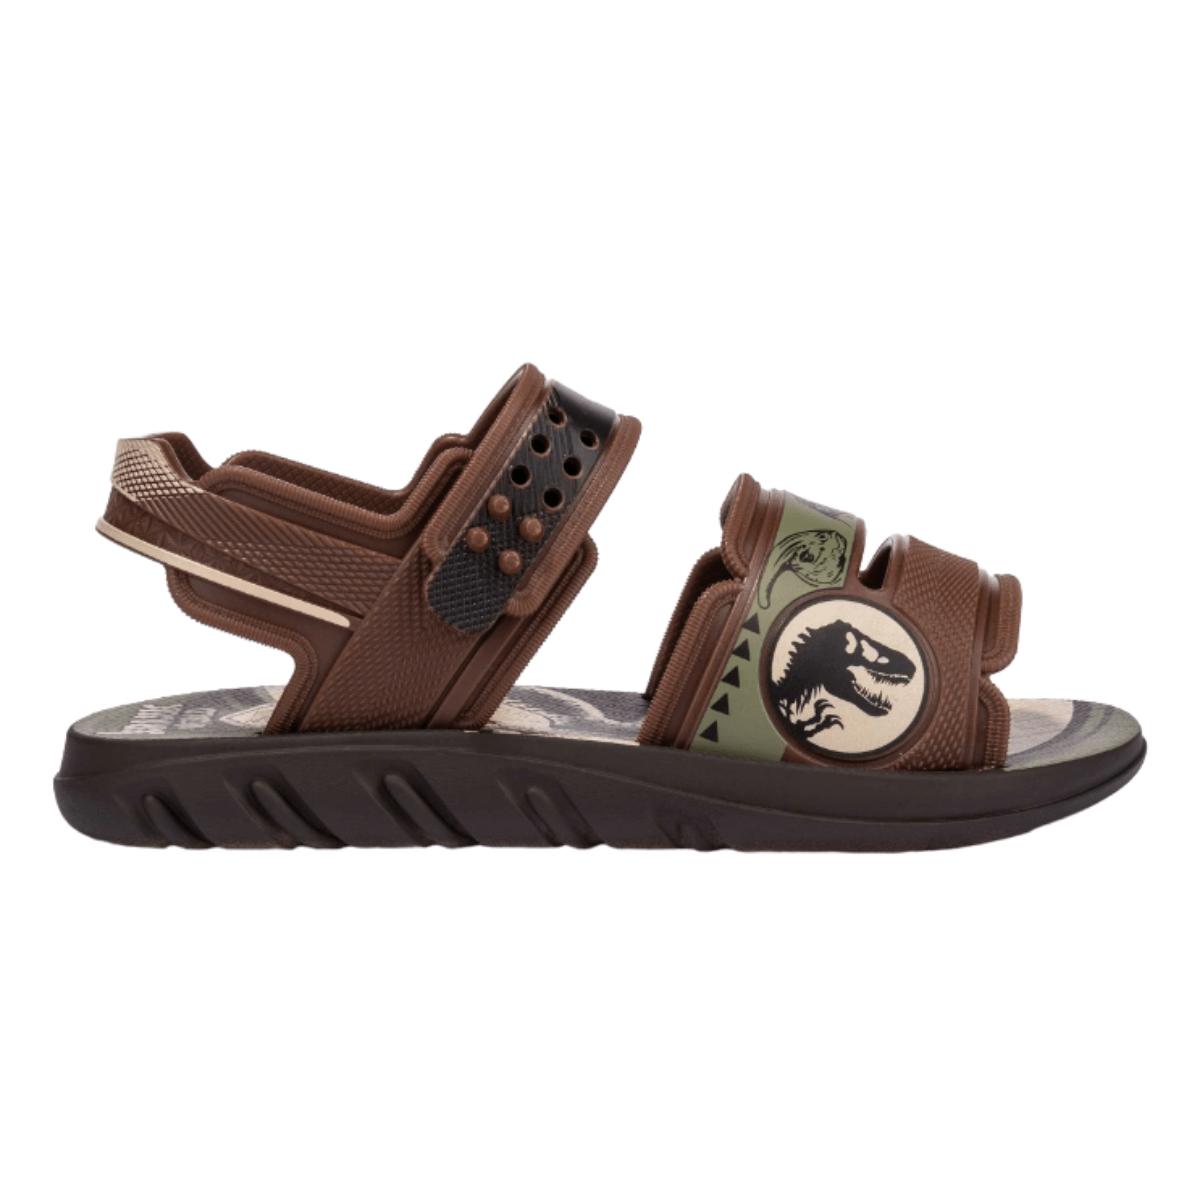 Sandalia Jurassic Park Grendene 22550